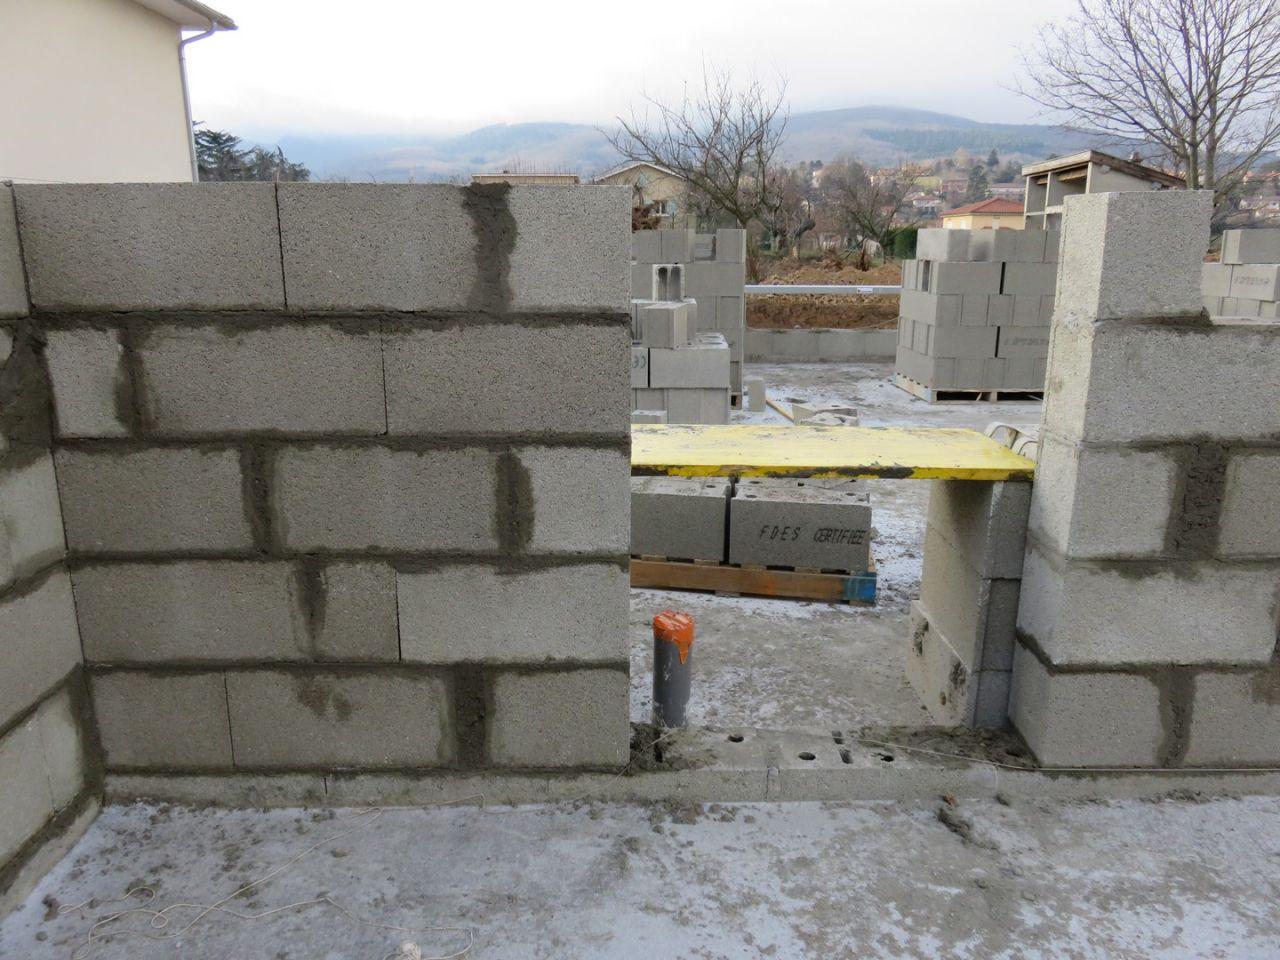 Porte décalée de 70 cm :'(